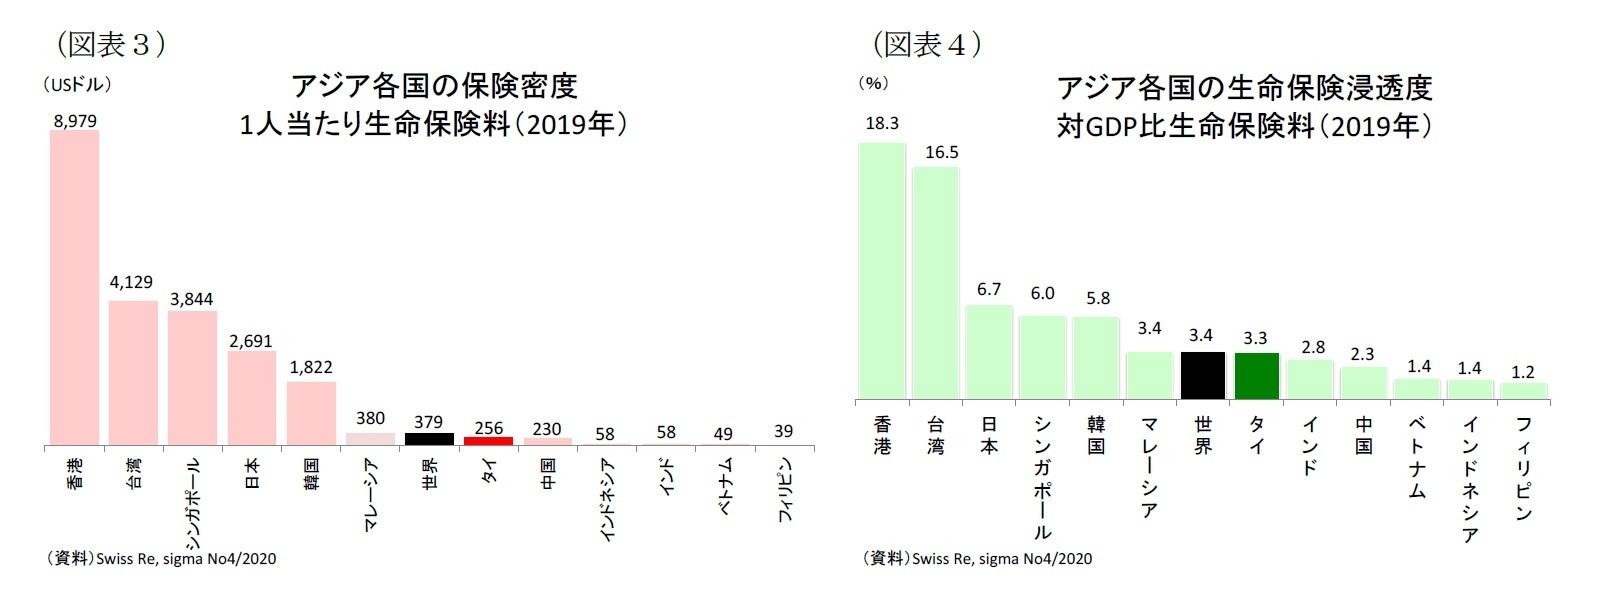 (図表3)アジア各国の保険密度 1人当たり生命保険料(2019年)/(図表4)アジア各国の生命保険浸透度 対GDP比生命保険料(2019年)